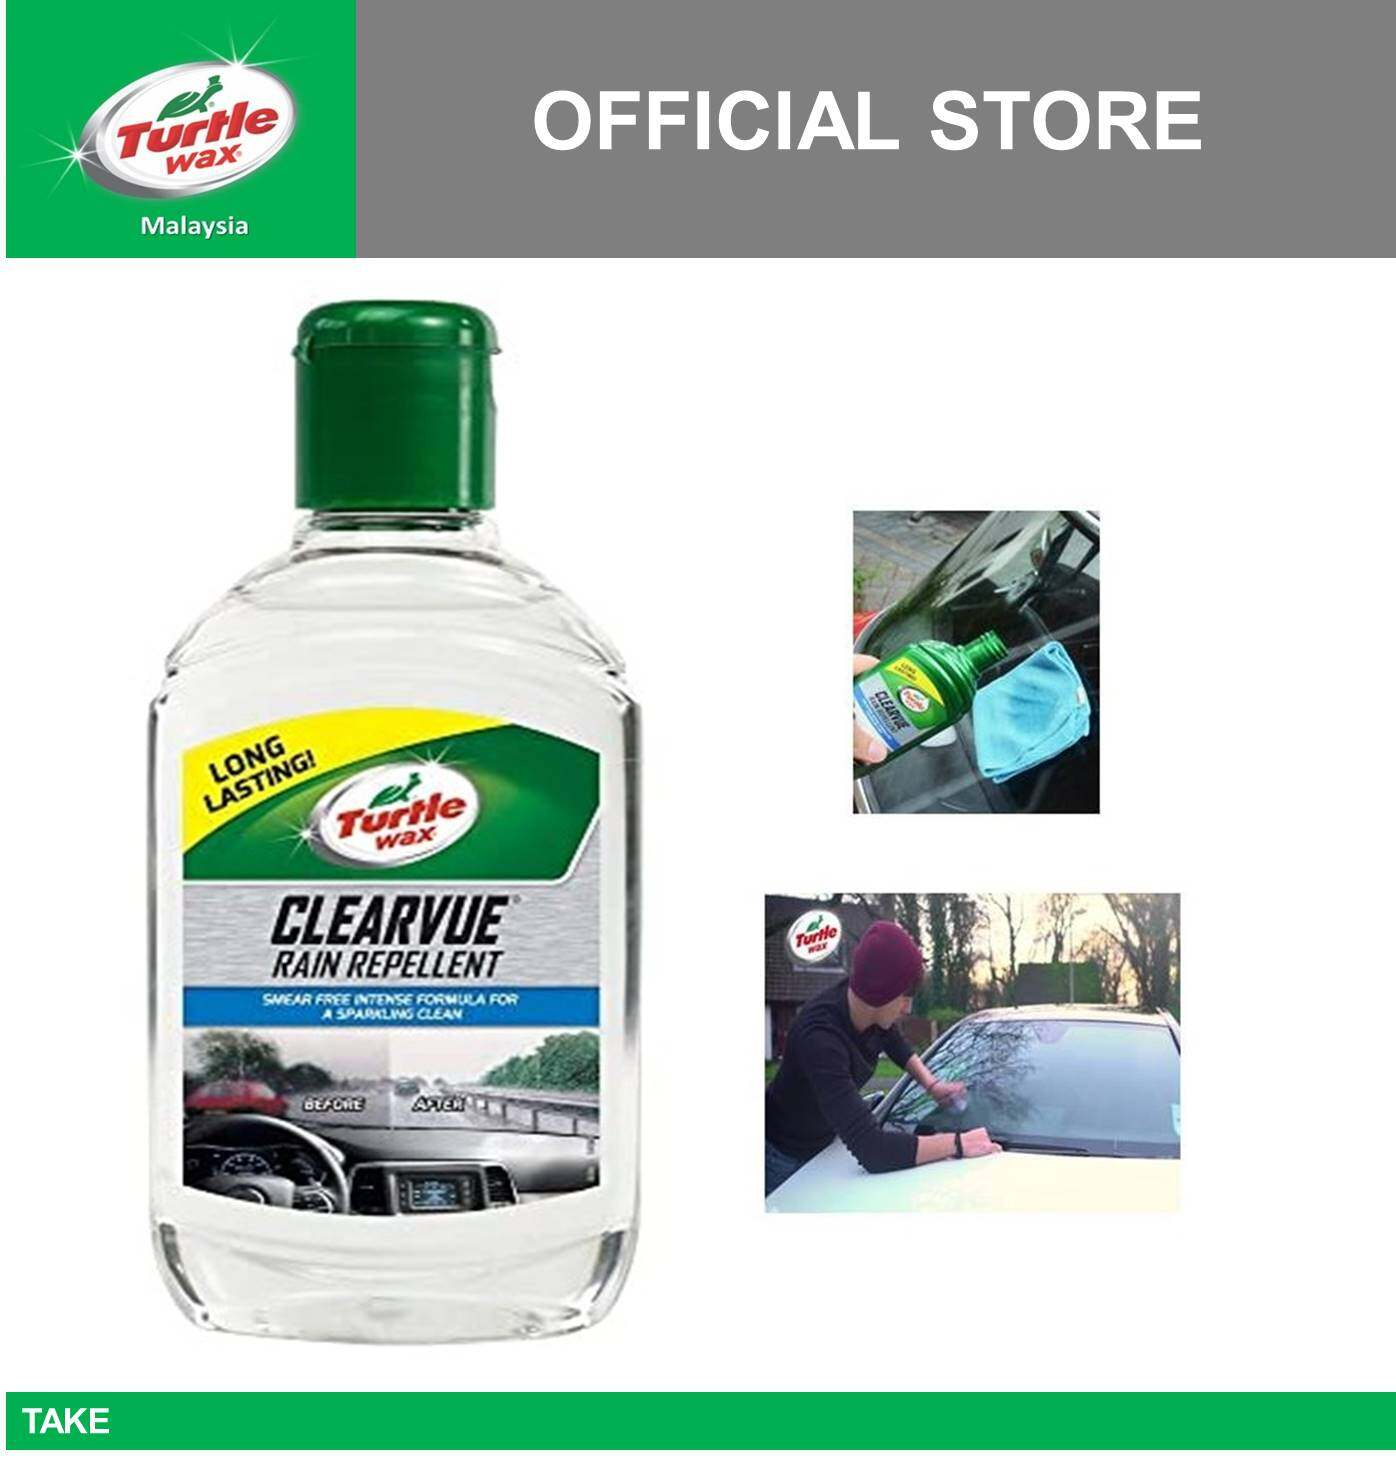 Turtle Wax Clearvue Rain Repellent T-7620